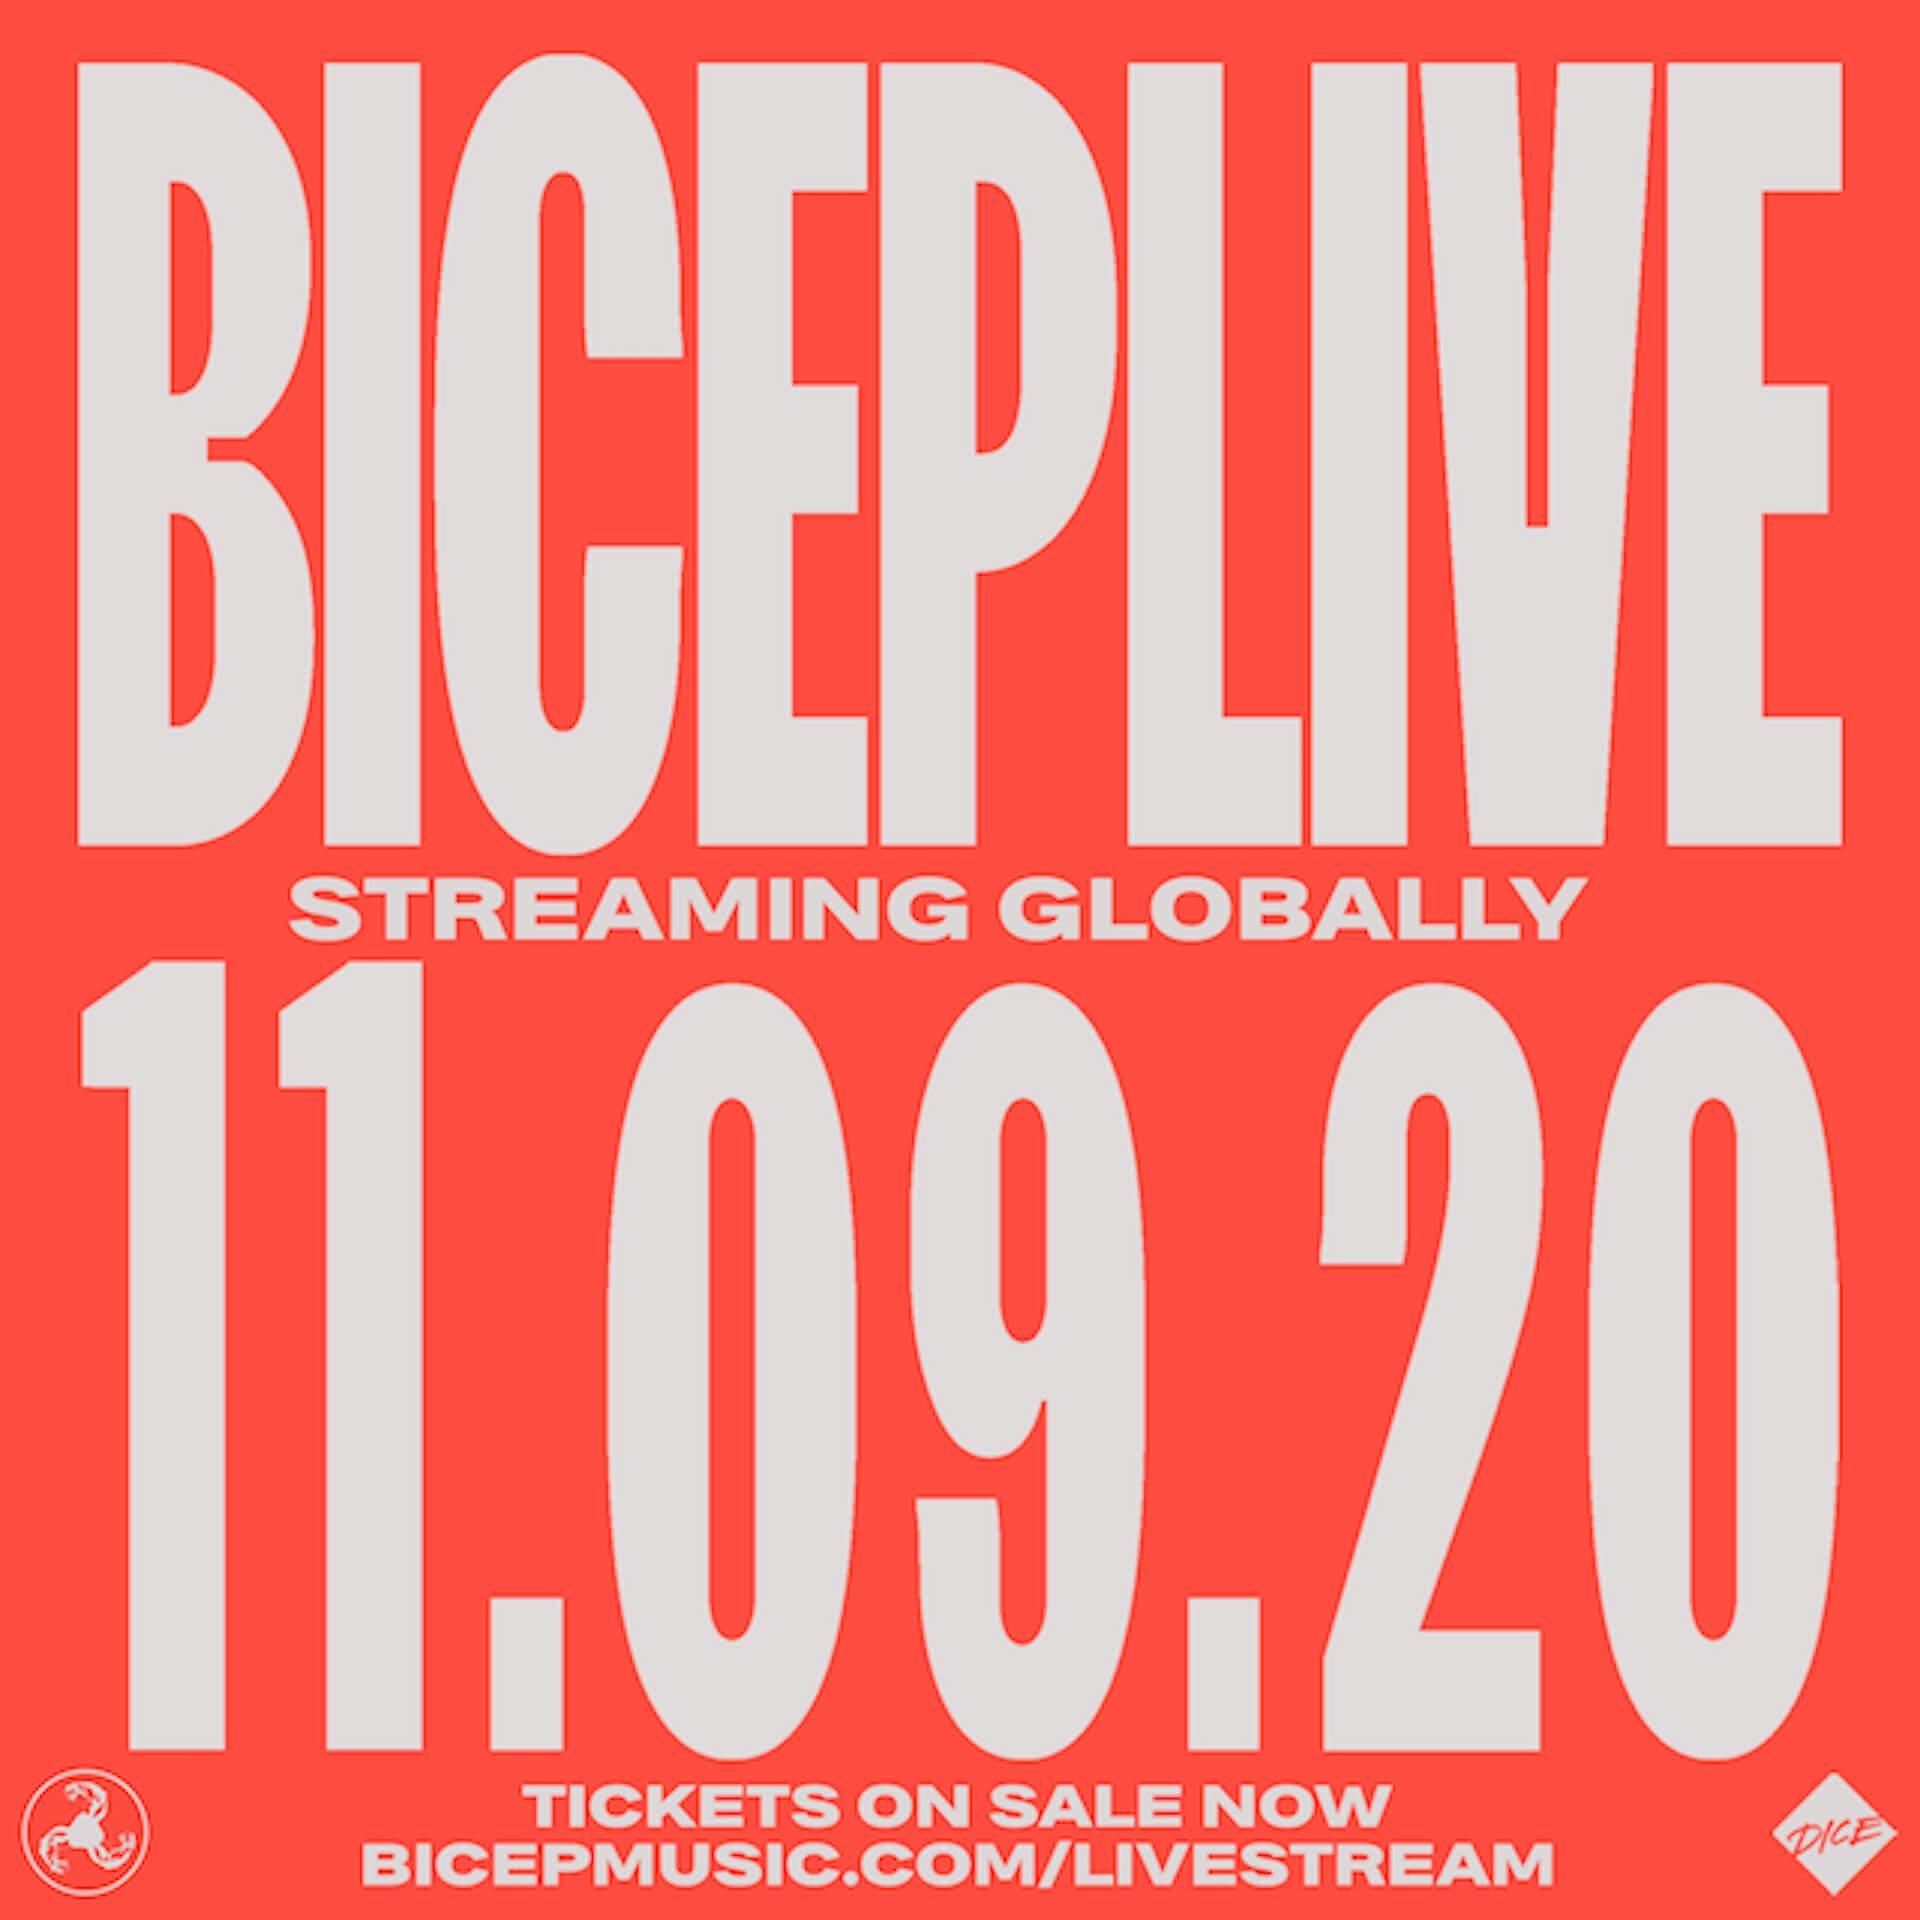 BICEPが一夜限りのスタジオライブを配信決定!未発表曲やこれまでリリースされた楽曲などを披露 music200821_bicep_01